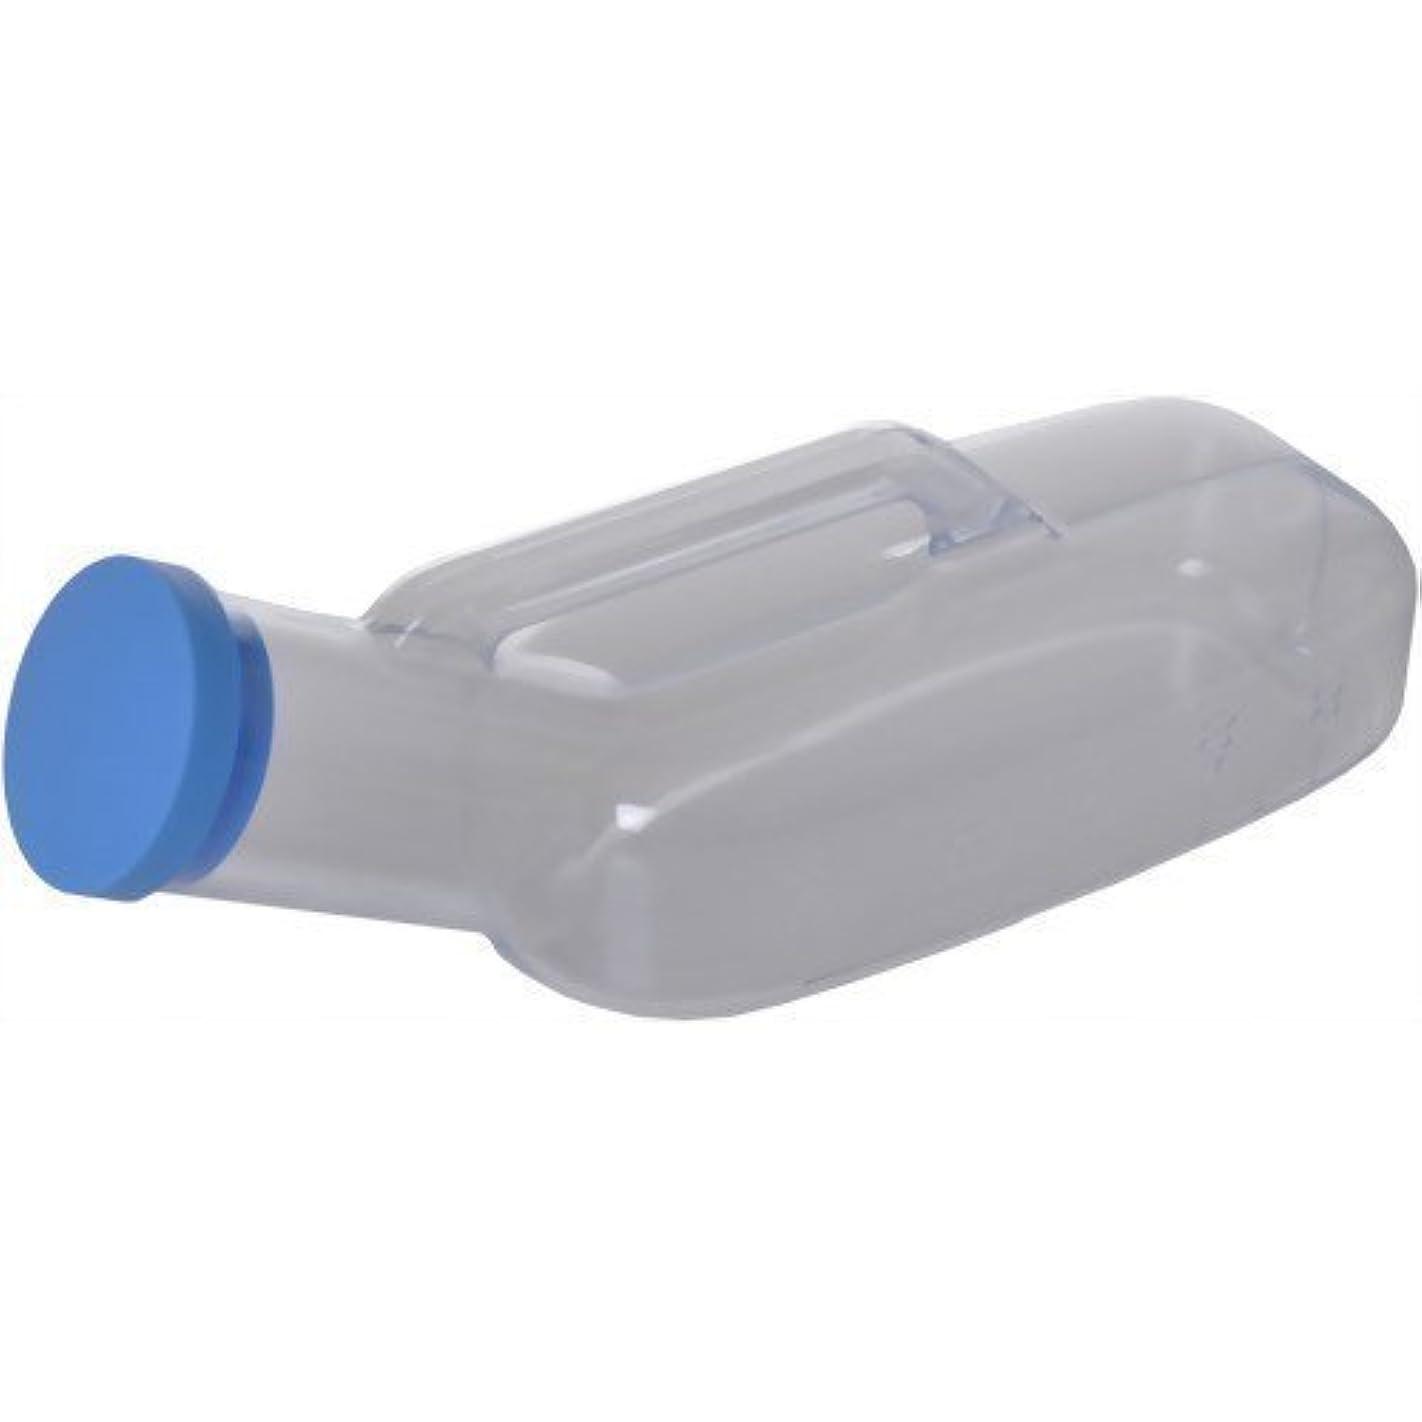 音楽を聴く位置づける地平線SA塩ビ透明尿器男性用1個×2 1790